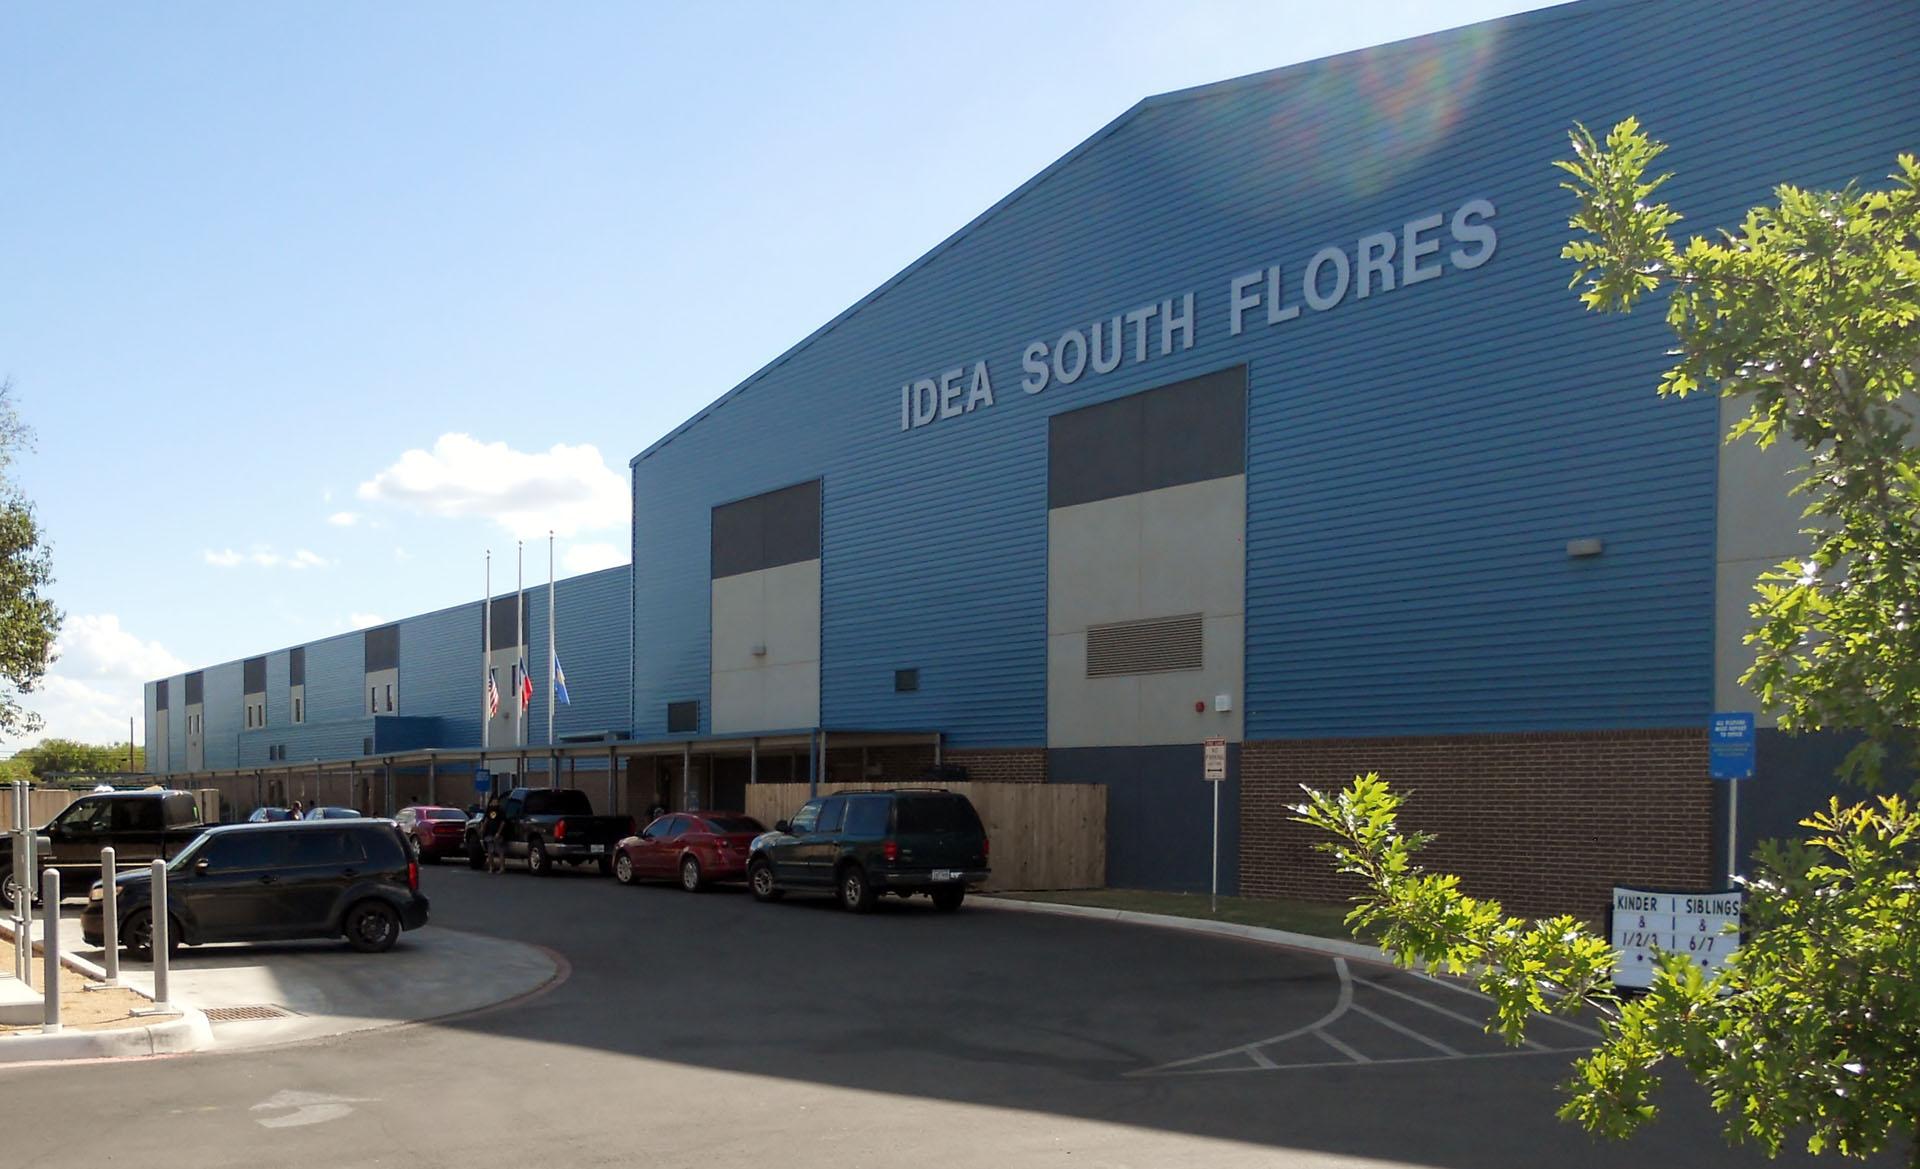 idea academy south flores san antonio ethos engineering. Black Bedroom Furniture Sets. Home Design Ideas